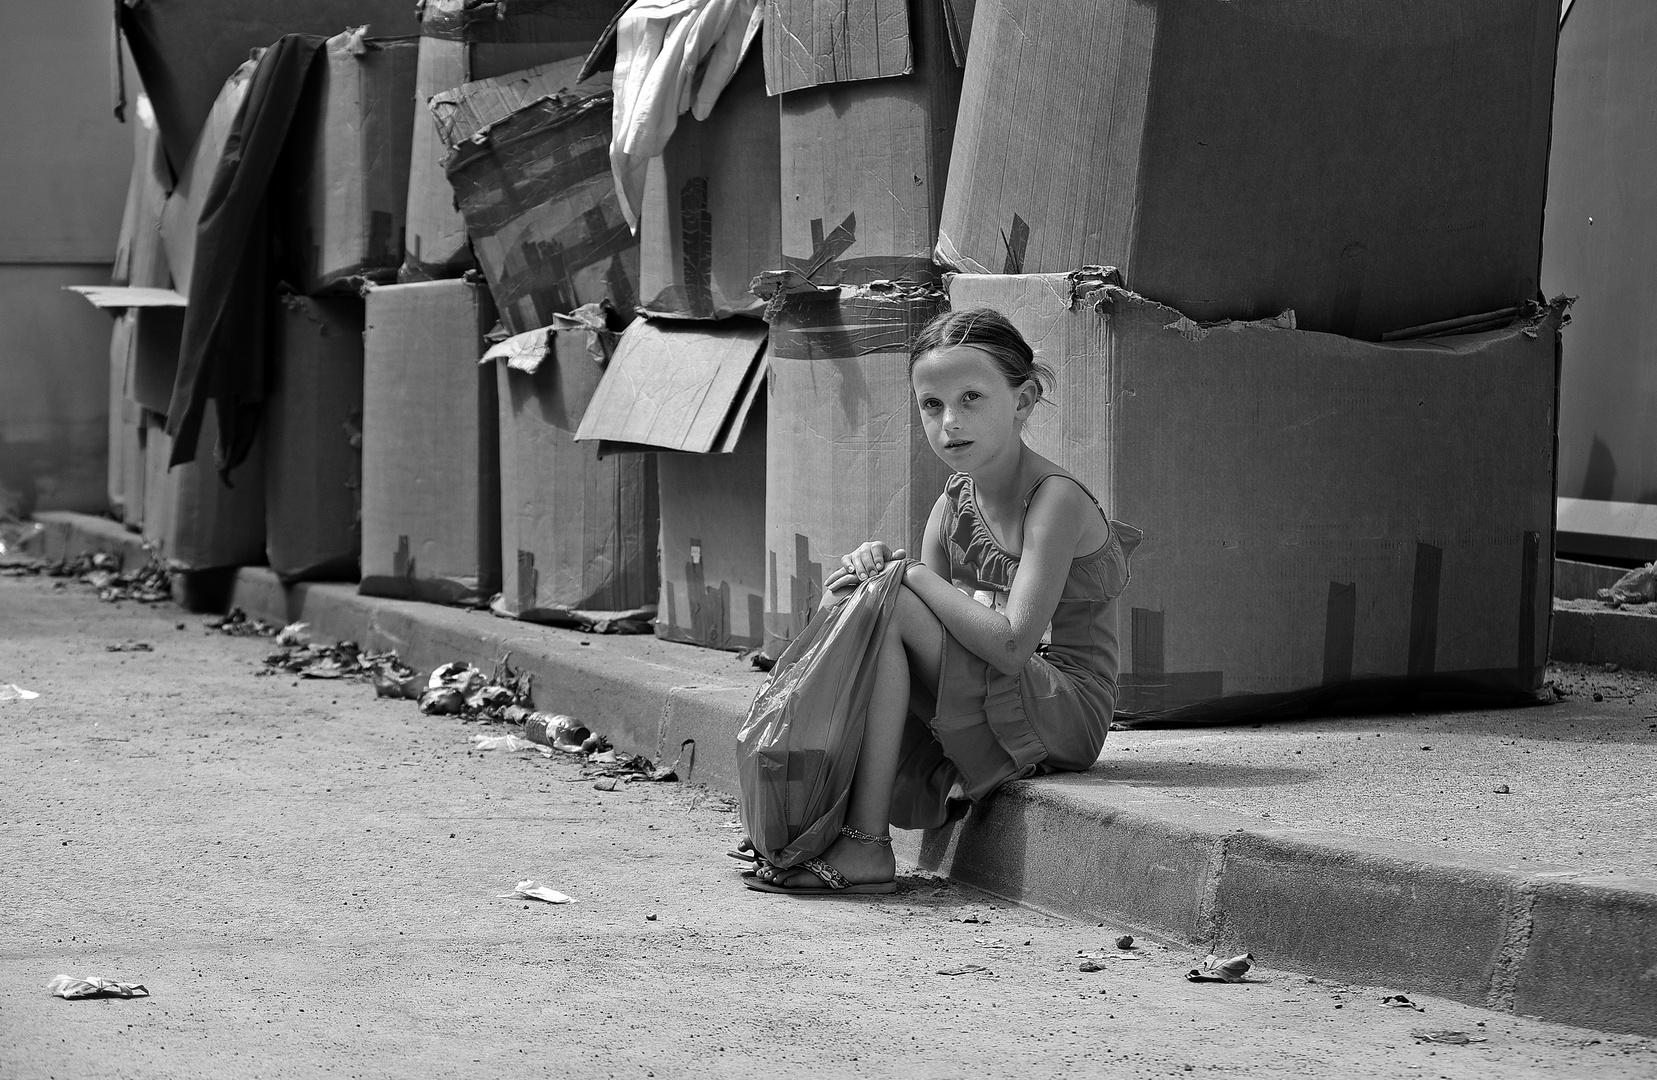 Straßenkind in Spanien